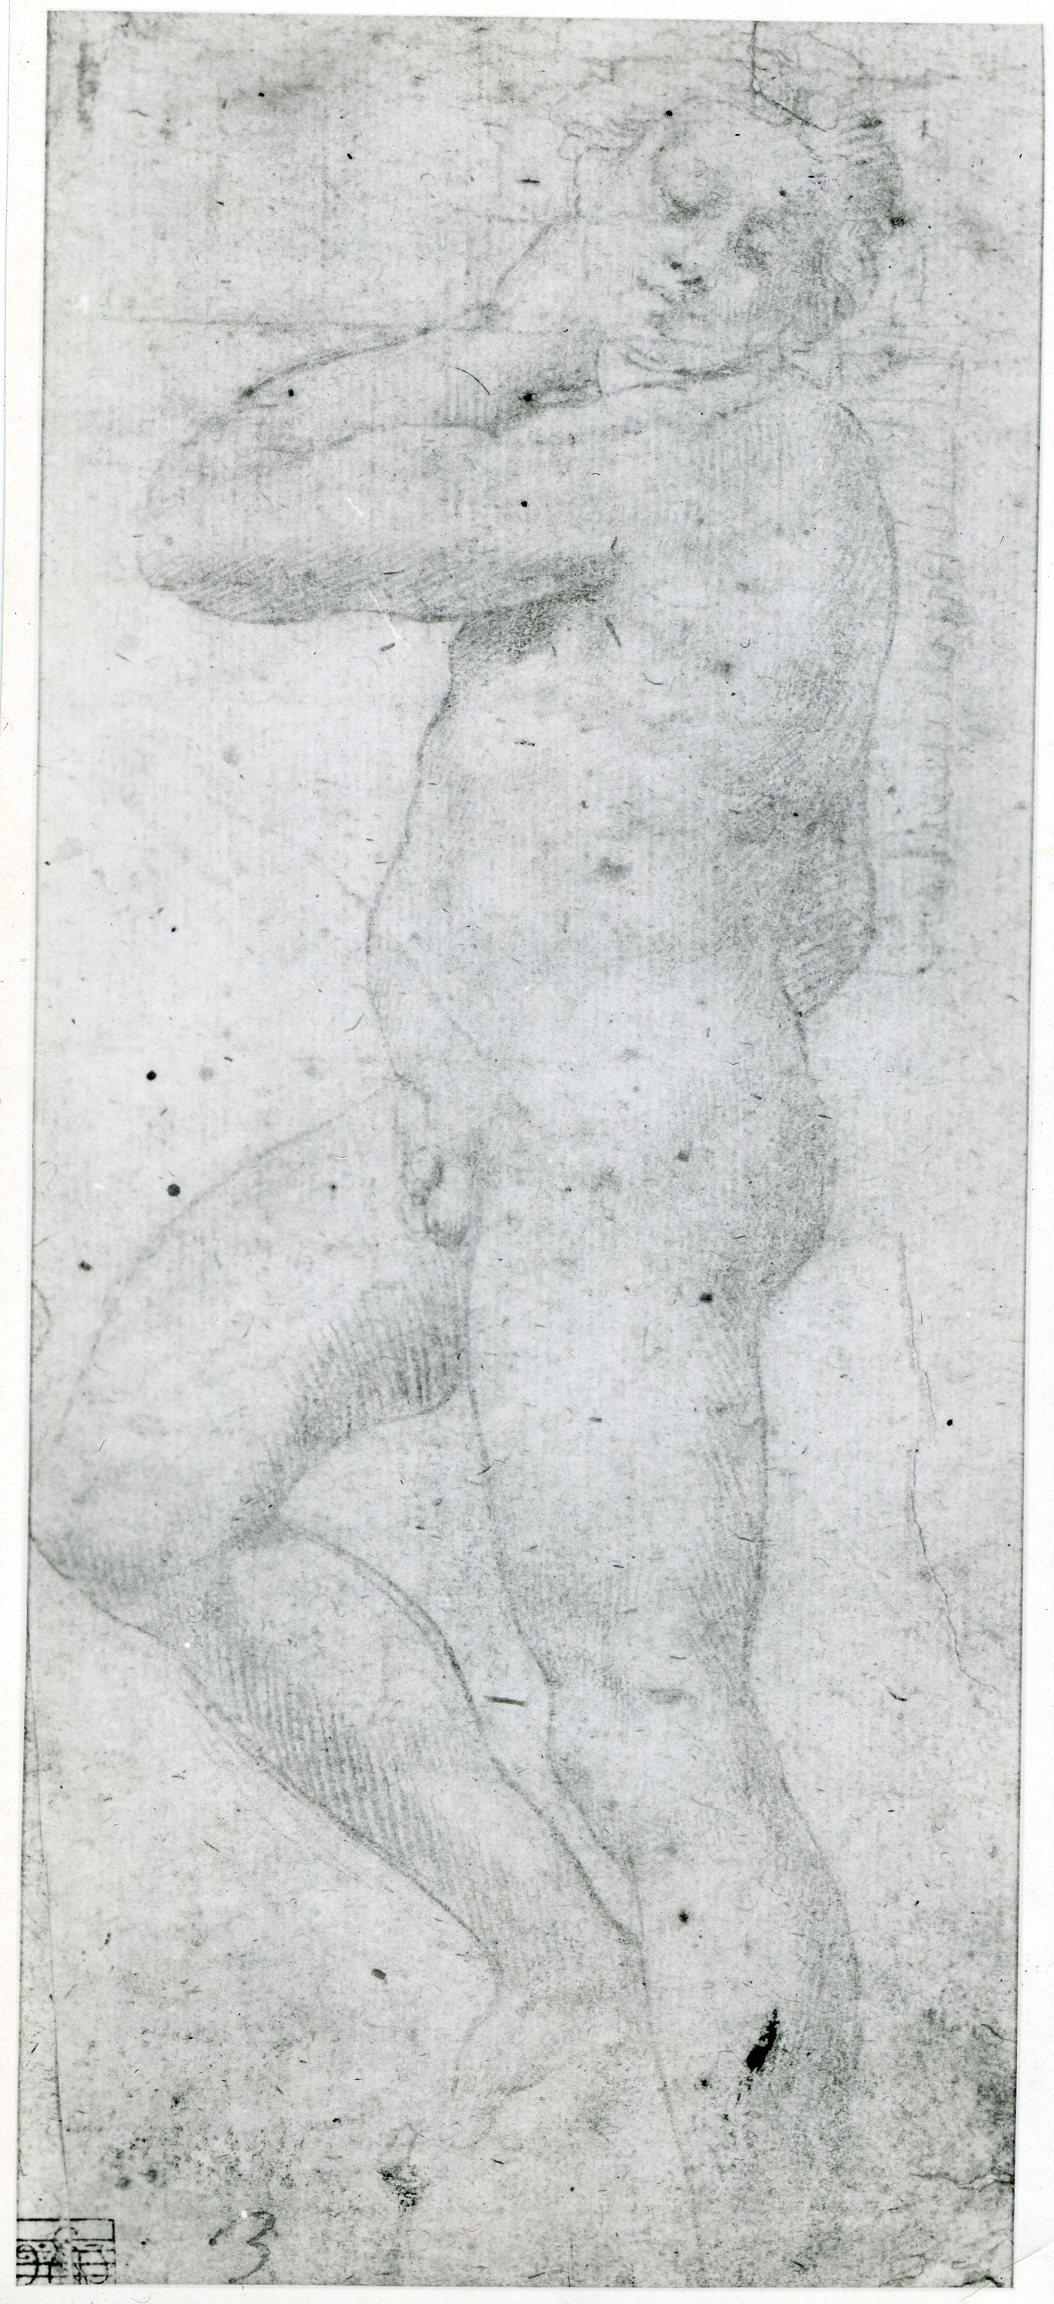 D.24 Copy of Michelangelo's David-Apollo